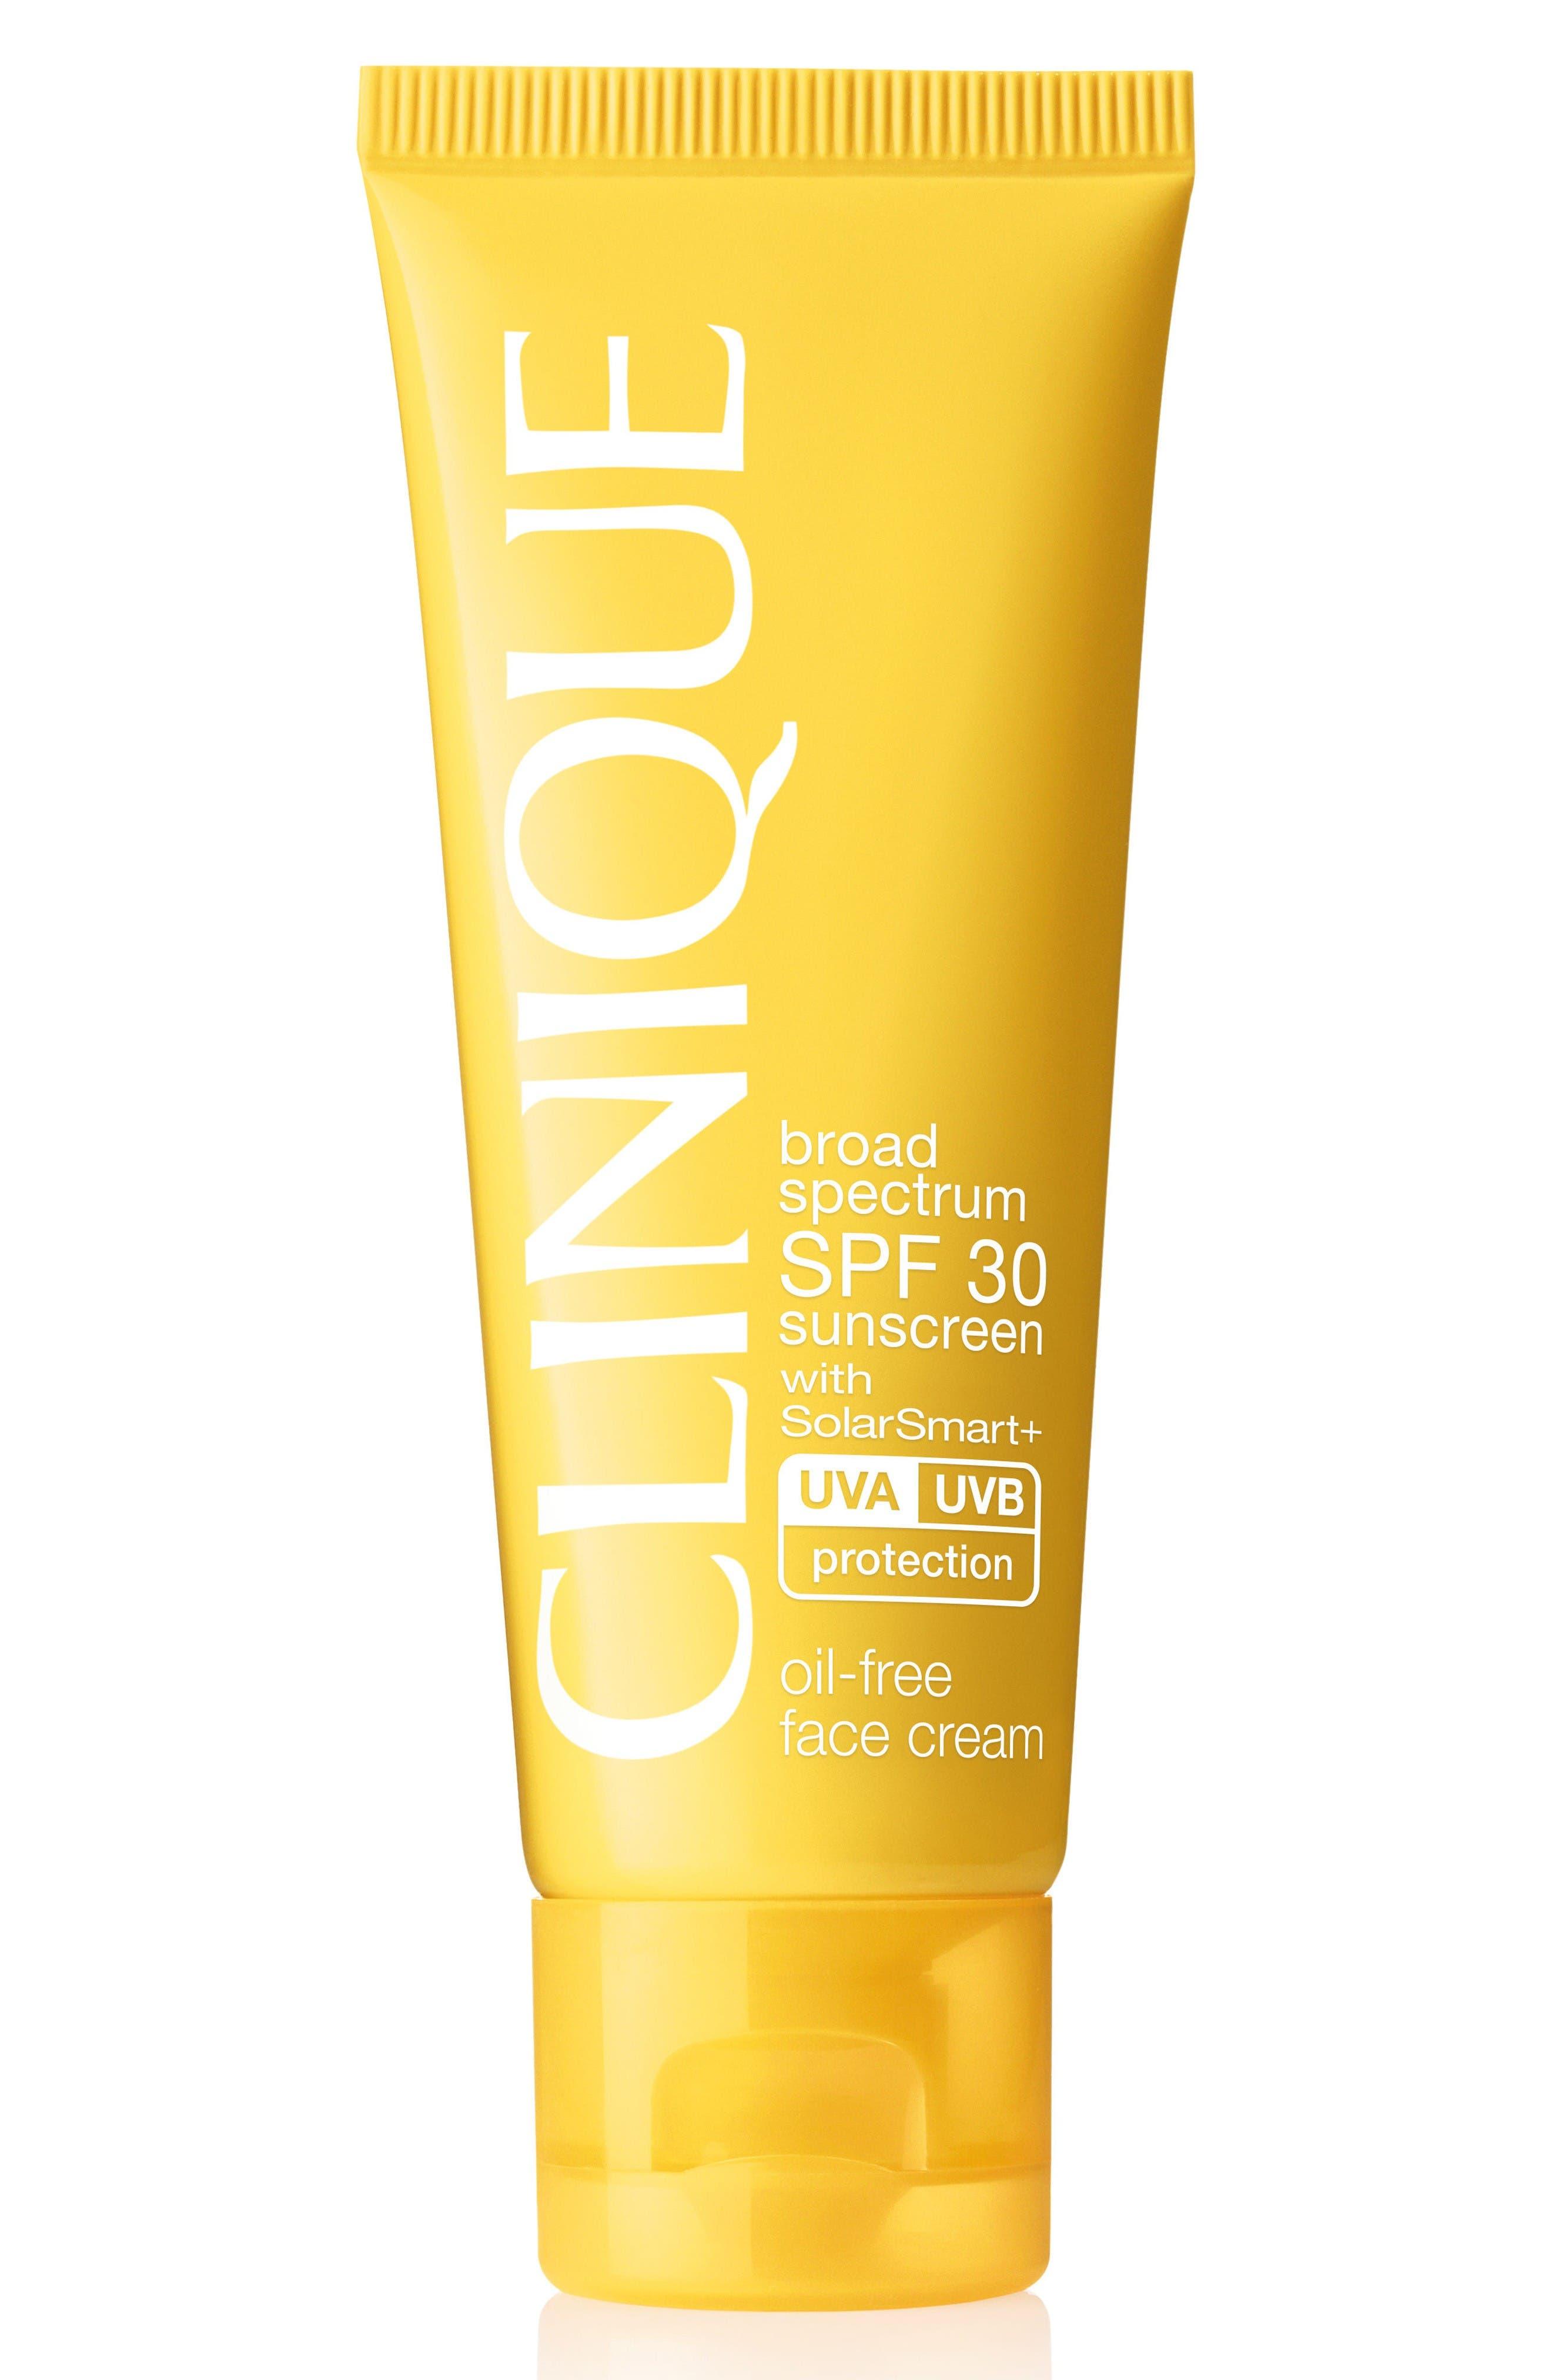 Clinique Broad Spectrum SPF Sunscreen 30 Oil-Free Face Cream